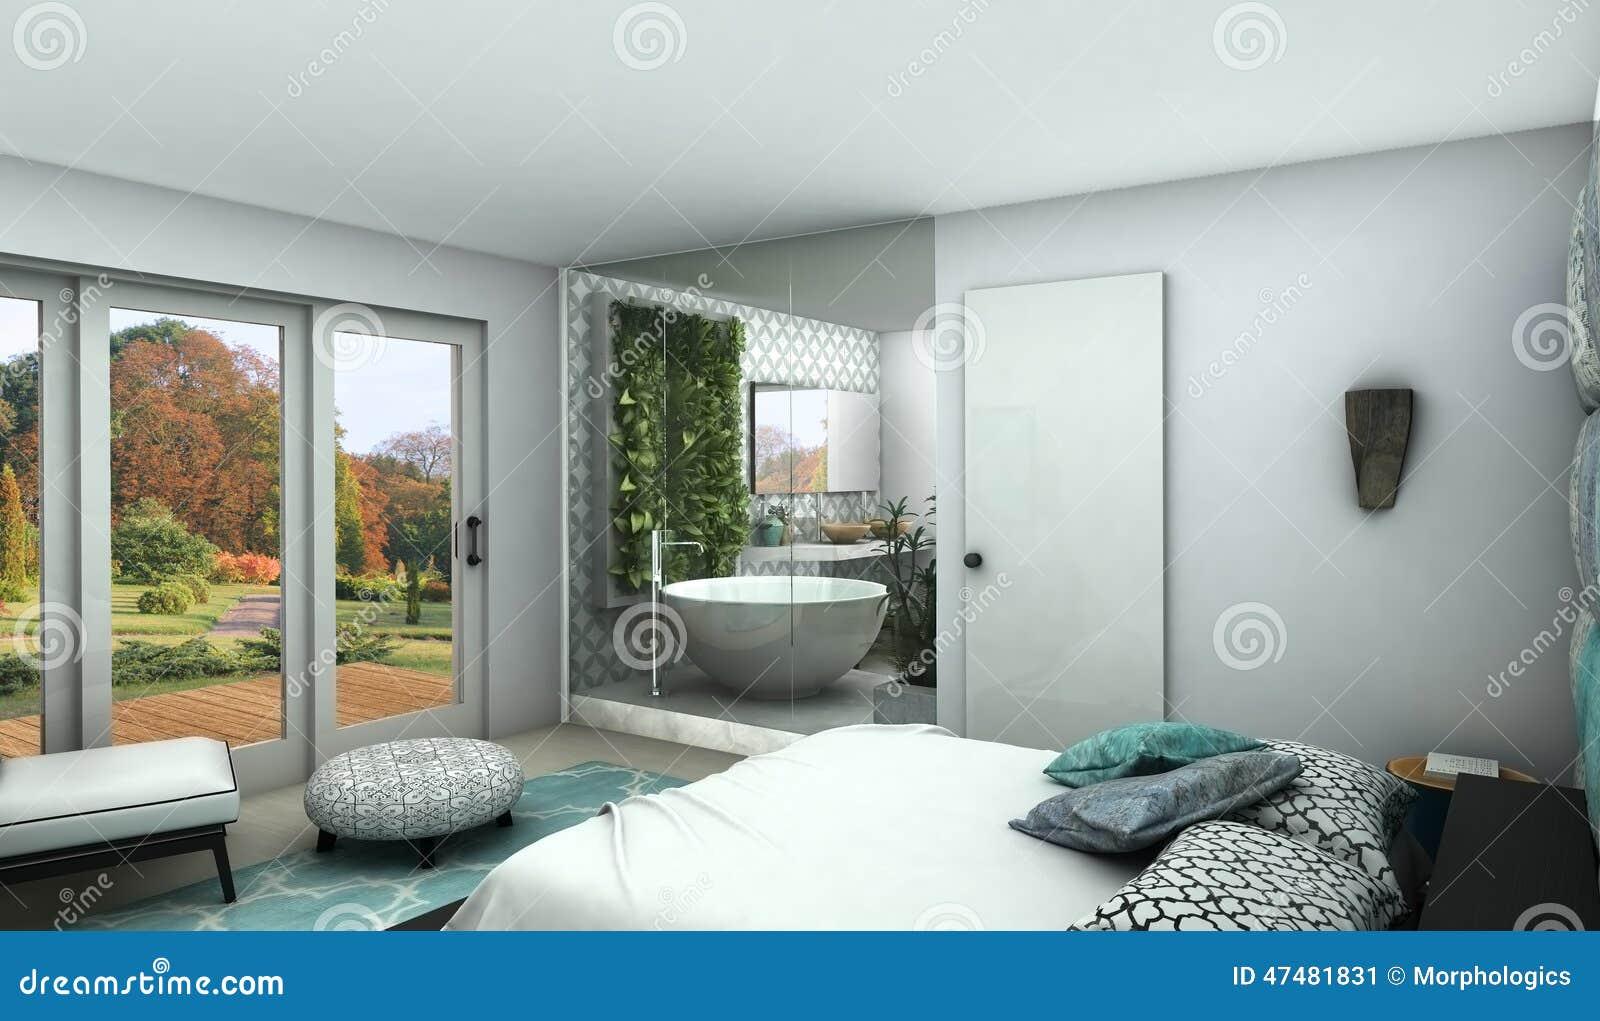 Det Moderna Sovrummet Med Ser Hoglasväggen Till Ett Badrum Stock Illustrationer - Bild: 47481831